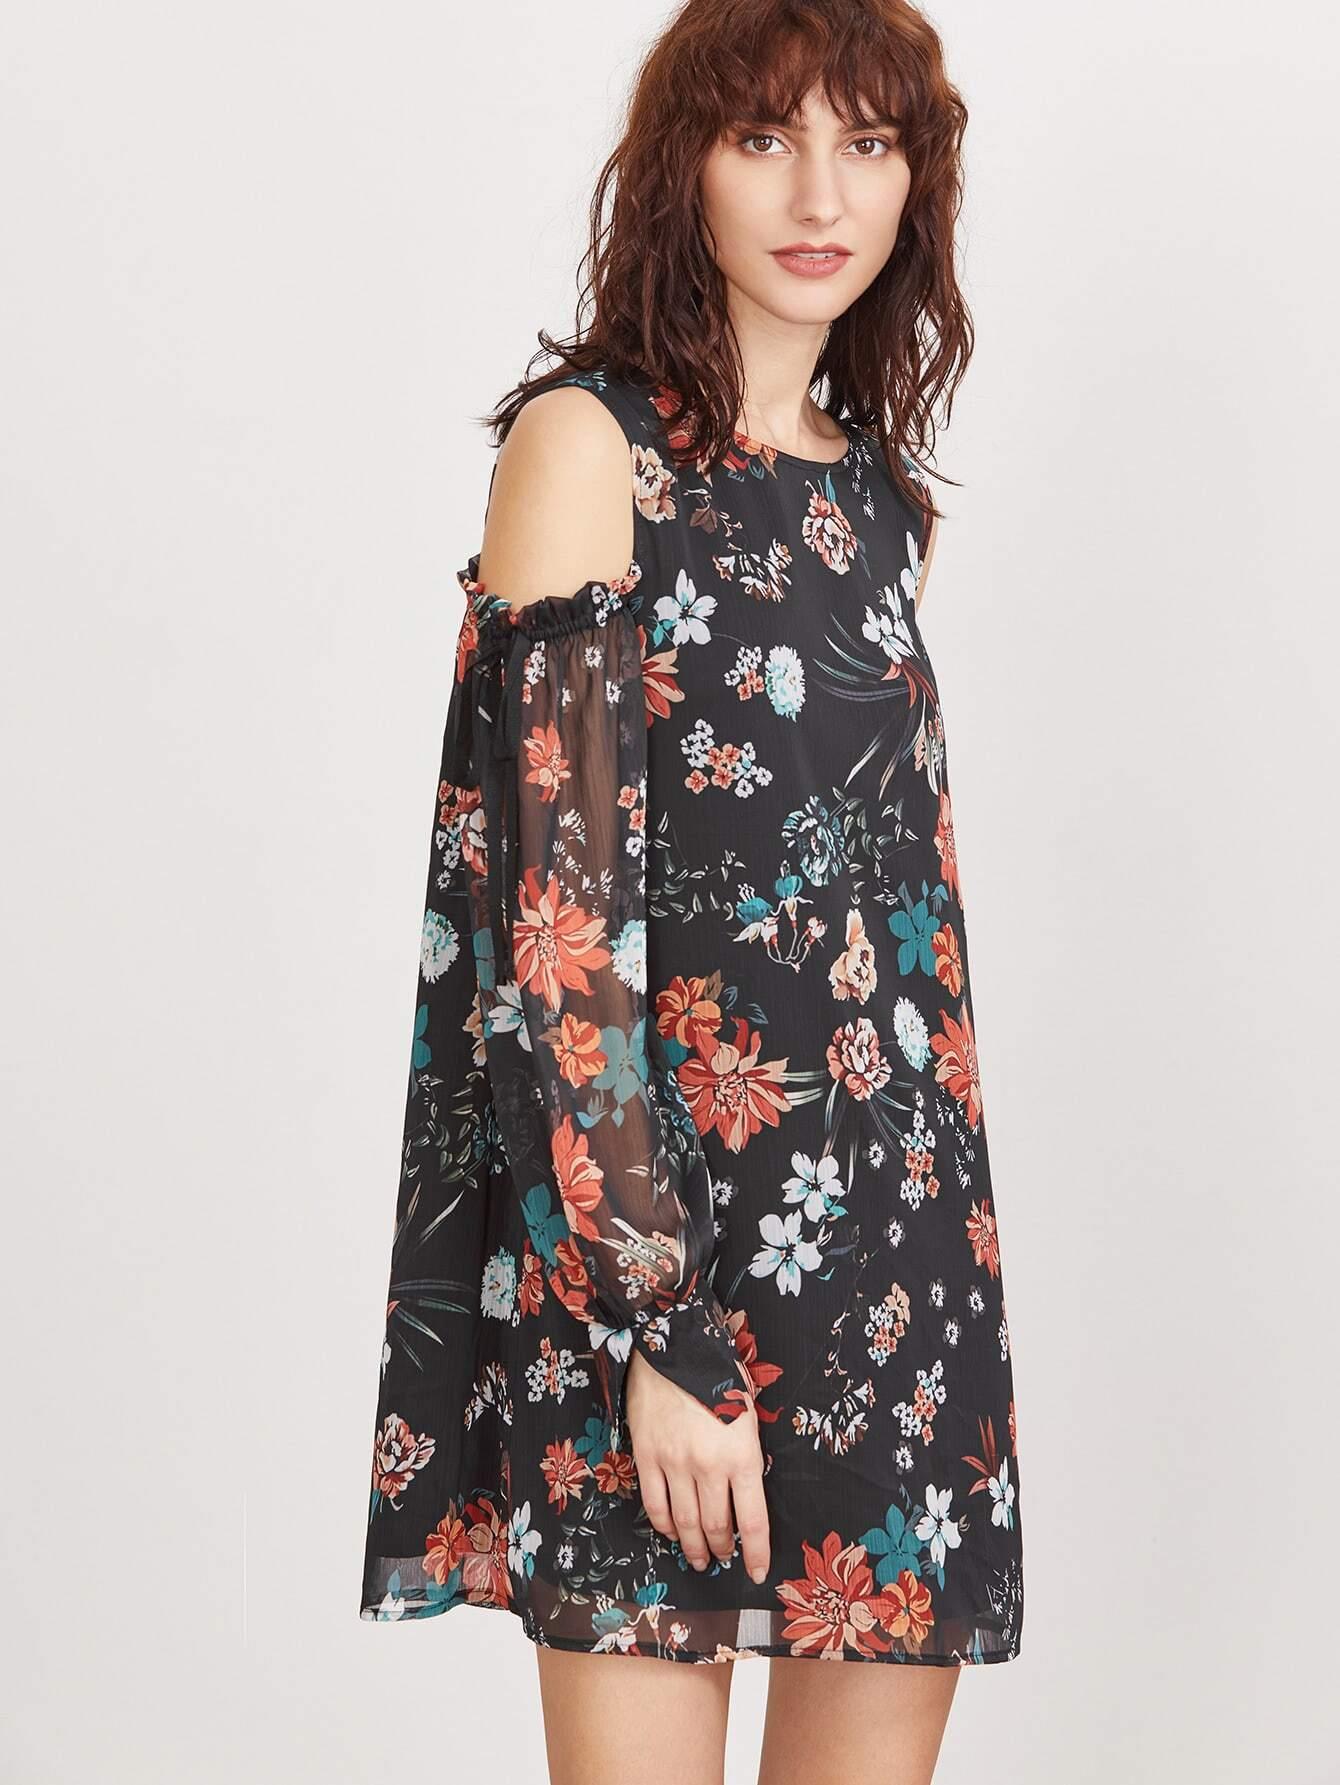 dress161227723_2